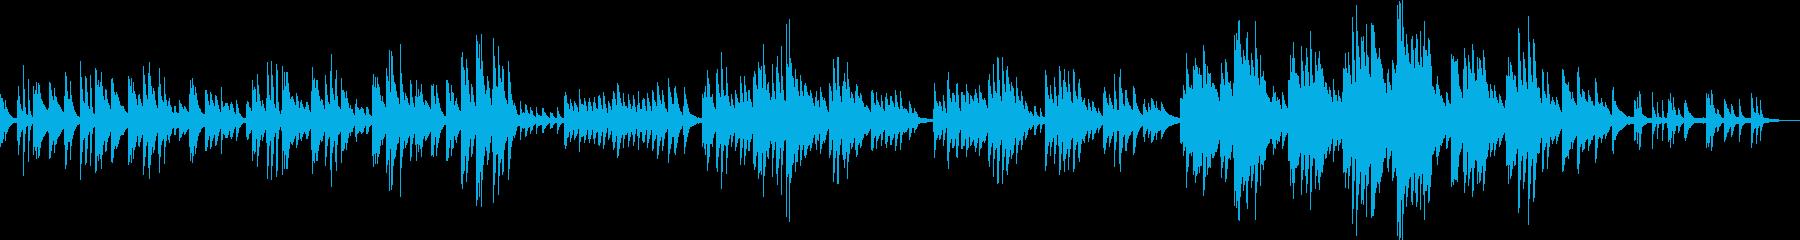 切なくて感動的なピアノバラードの再生済みの波形